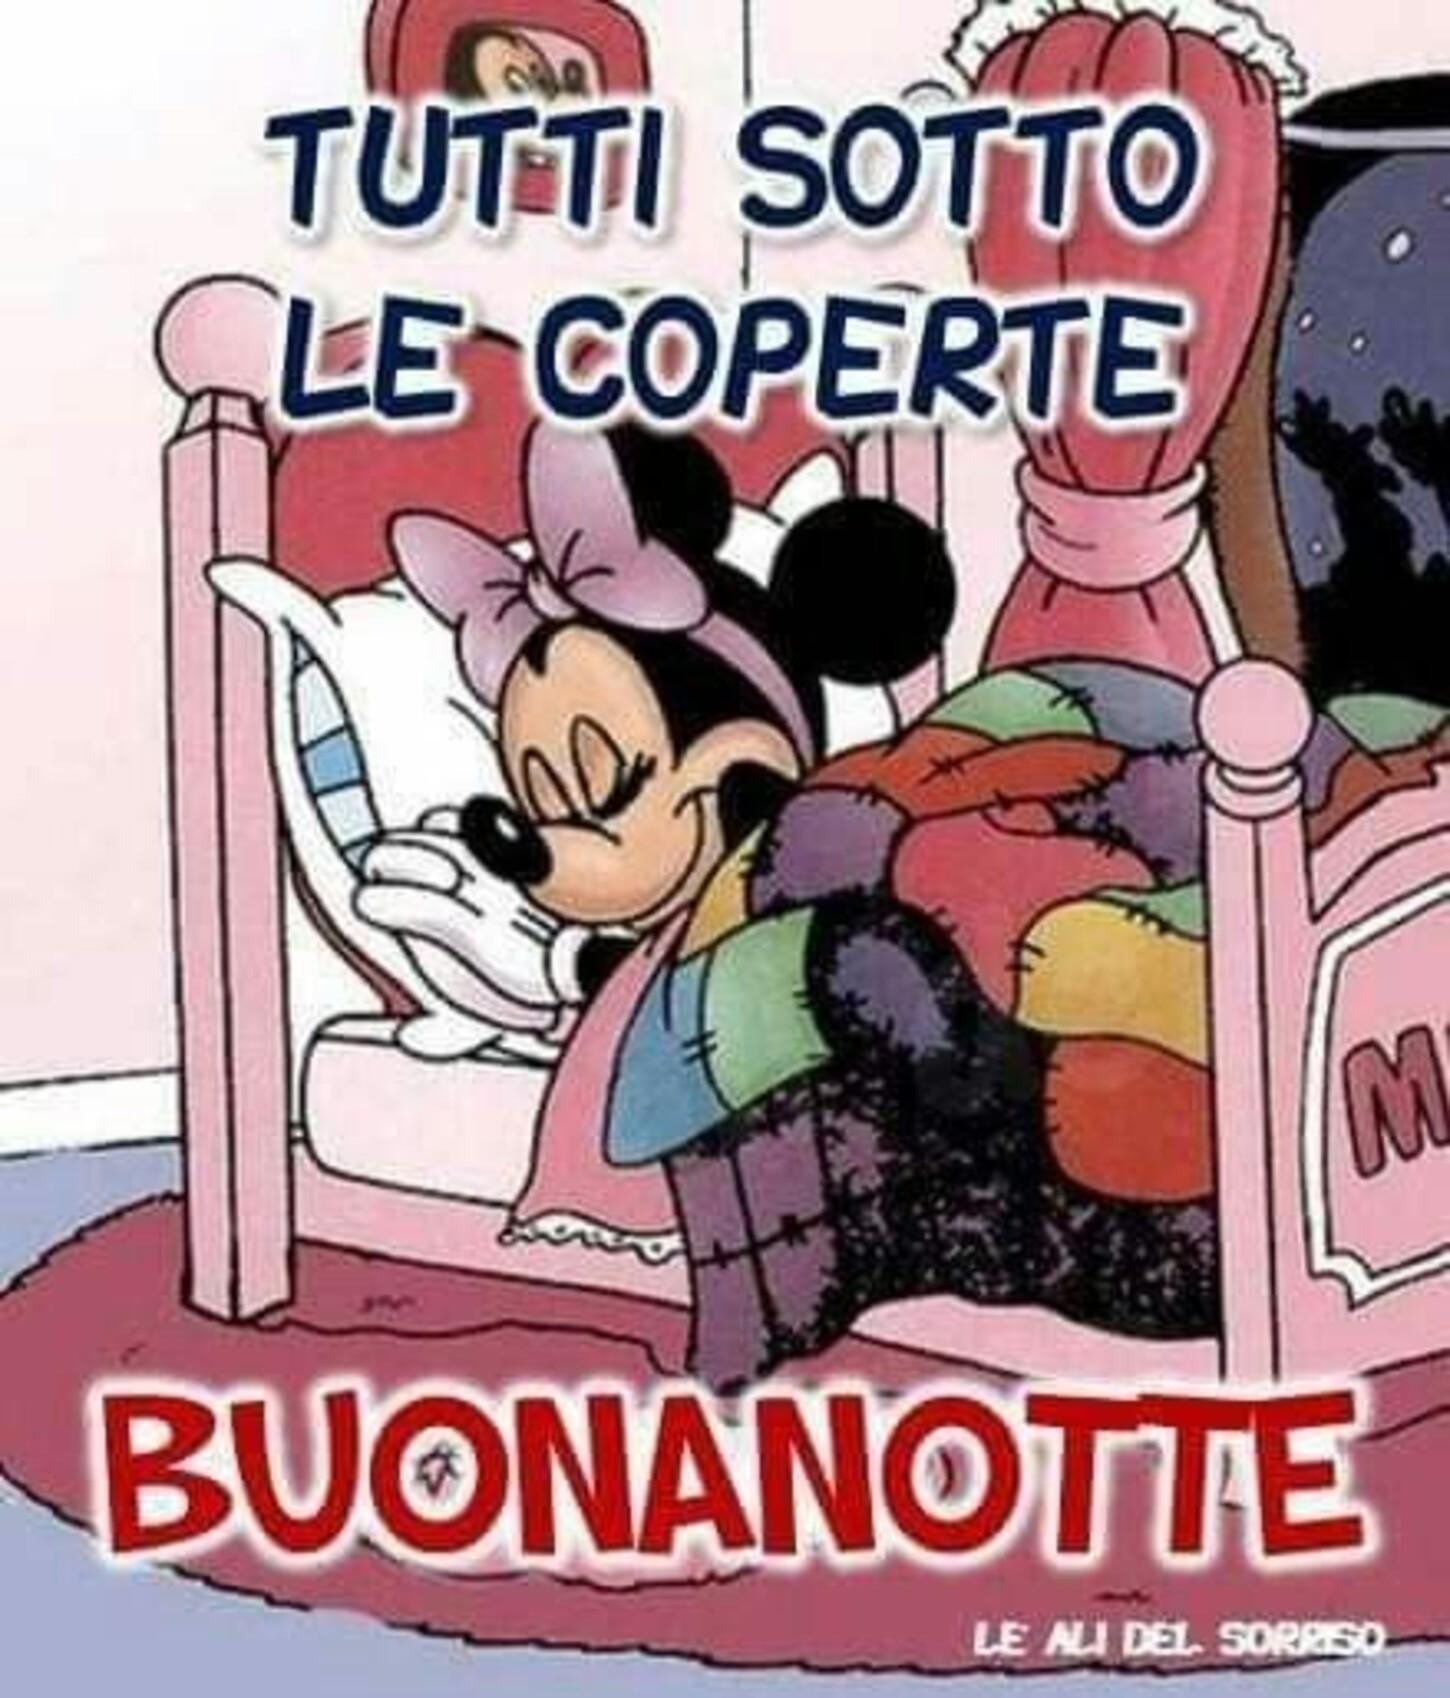 """""""Tutti sotto le coperte... BUONANOTTE"""" - da Minnie"""